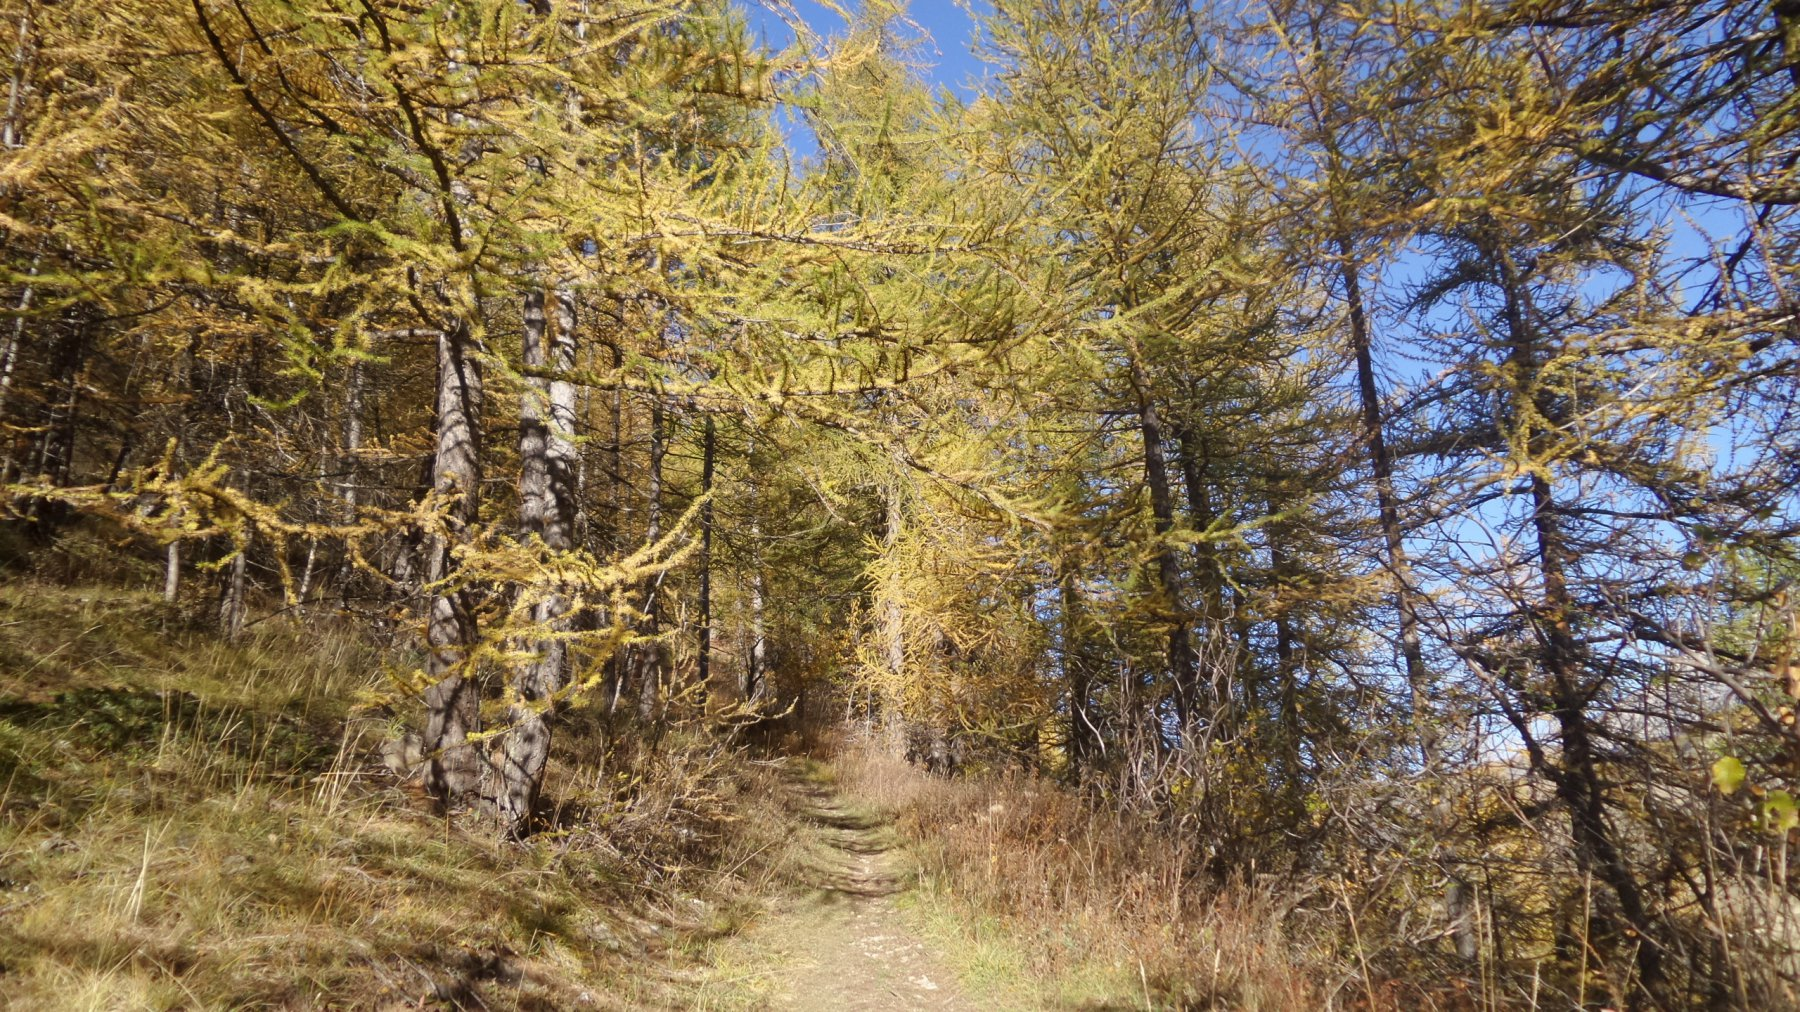 il sentiero che sale nel bosco del Vallon des Vaches (17-10-2015)